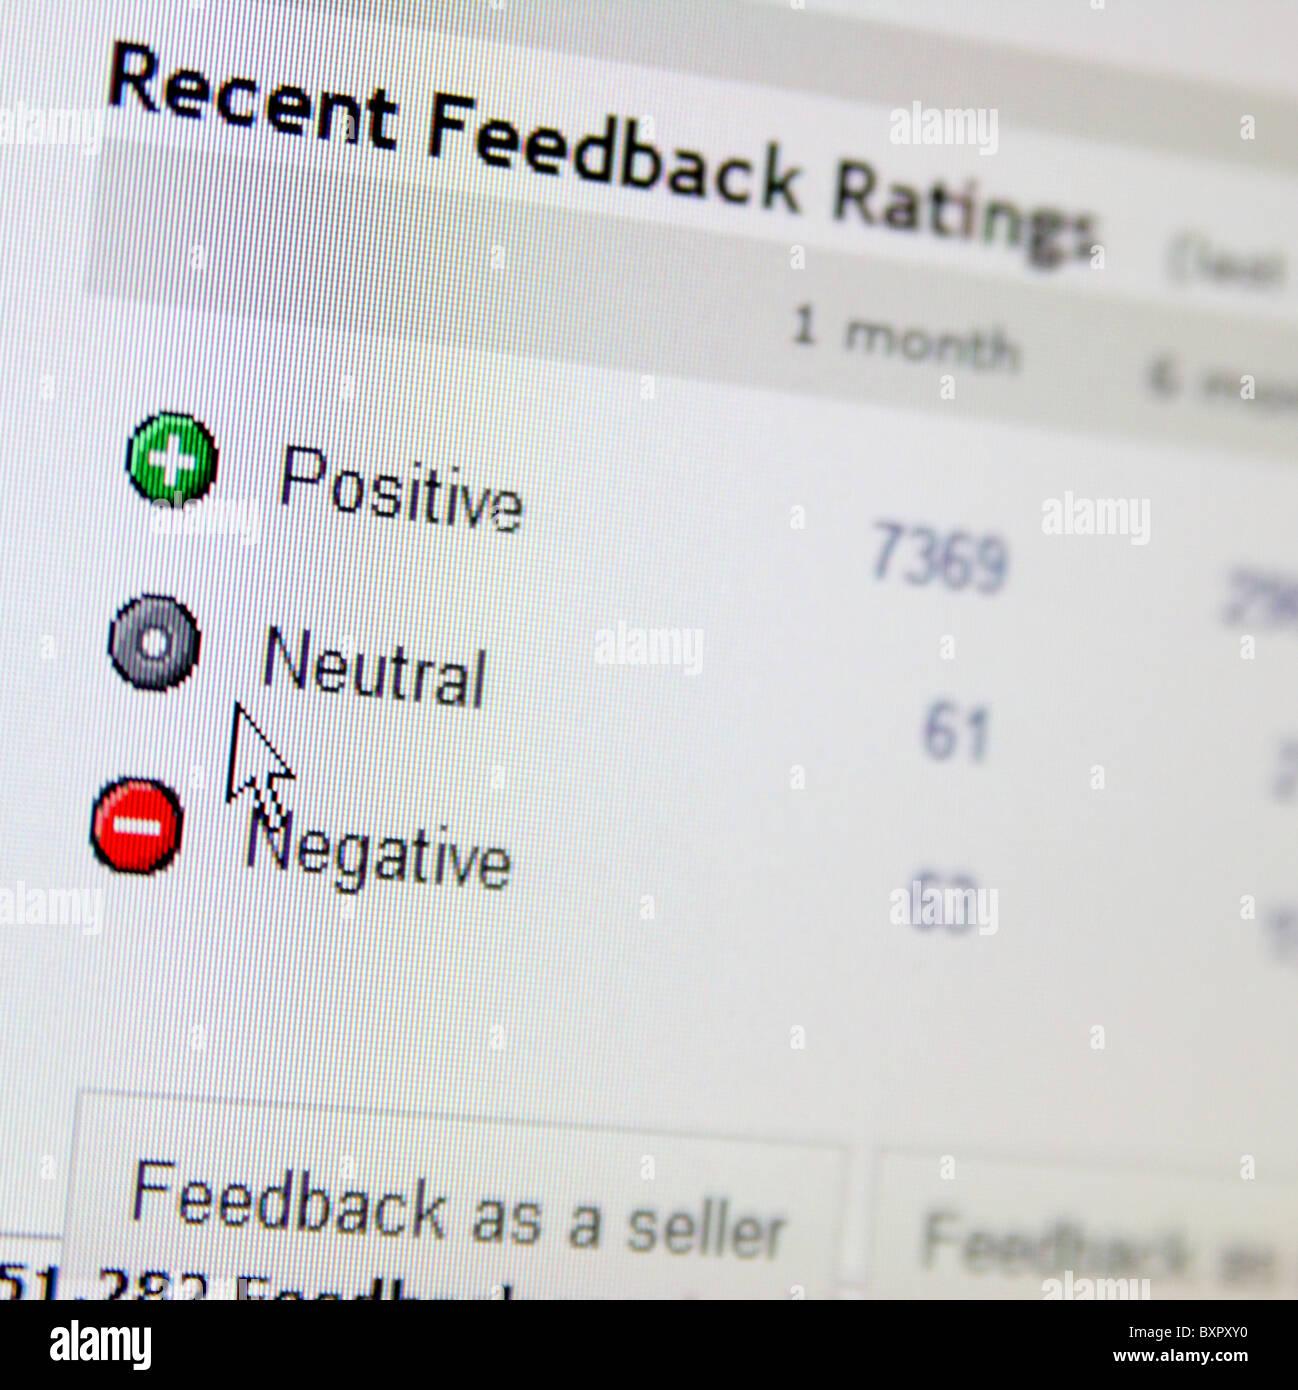 eBay feedback ratings - Stock Image